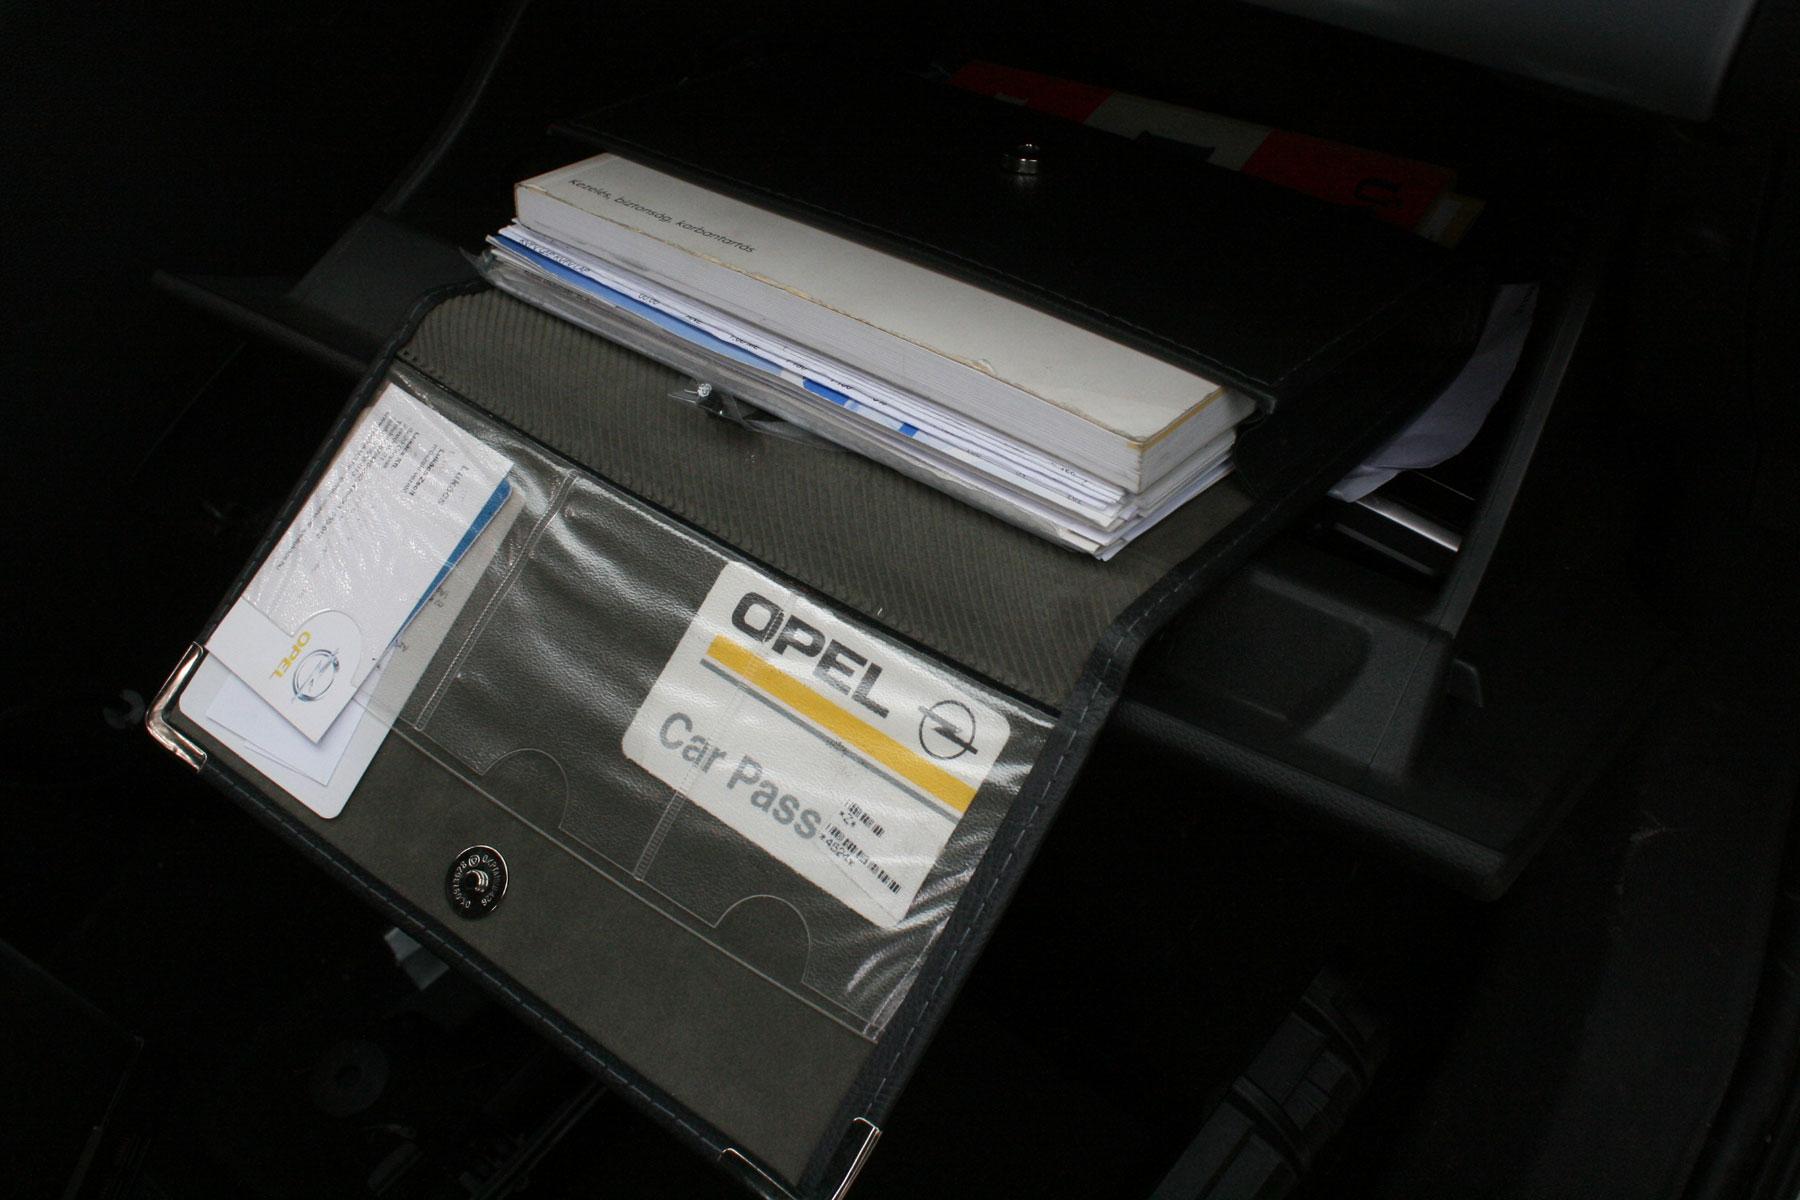 Ne legyetek olyan vakmerőek, hogy a kocsiban tartjátok a kódkártyát! A rajta lévő számokkal pofonegyszerű kulcsot marni az autóhoz és rajta van az indításgátlás kódja is